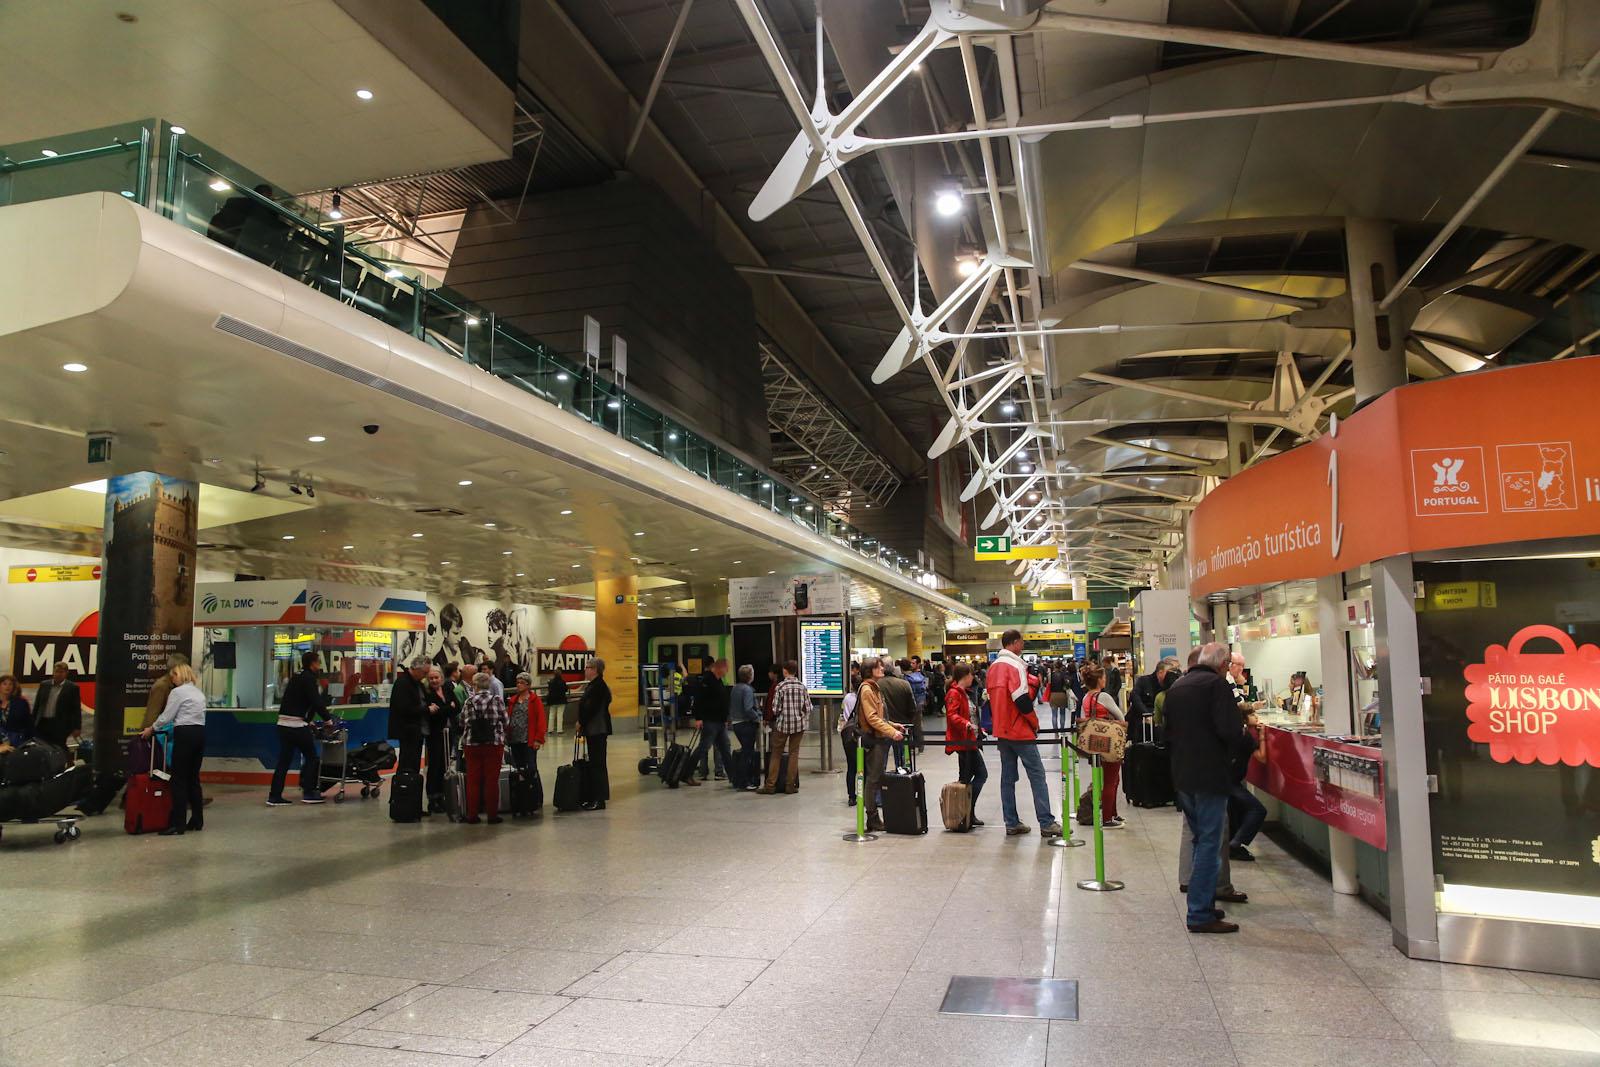 В терминале 1 аэропорта Лиссабон Портела